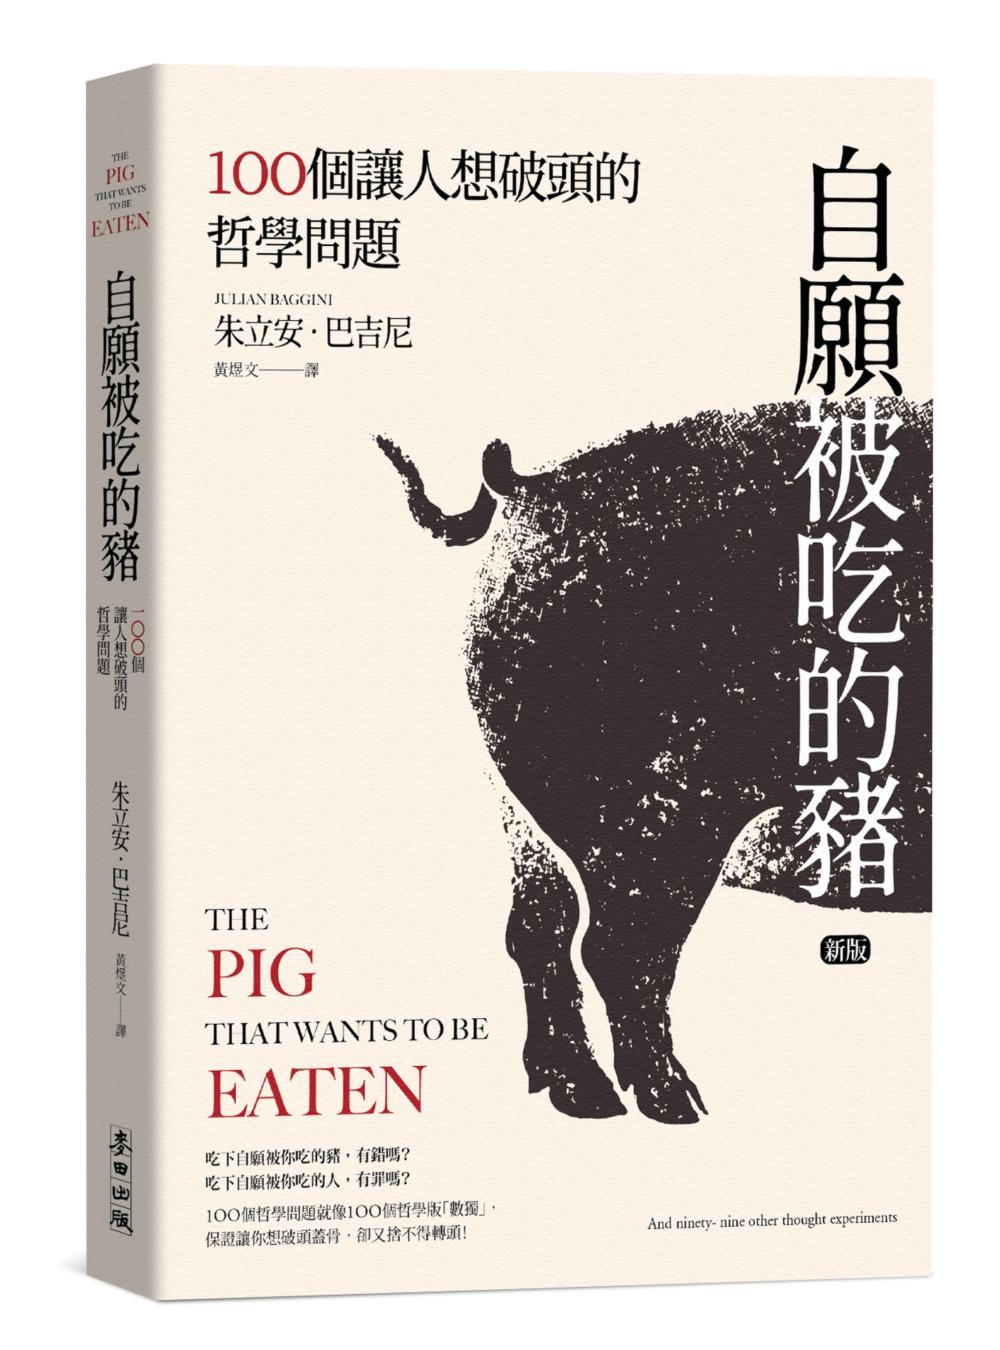 自願被吃的豬:1...